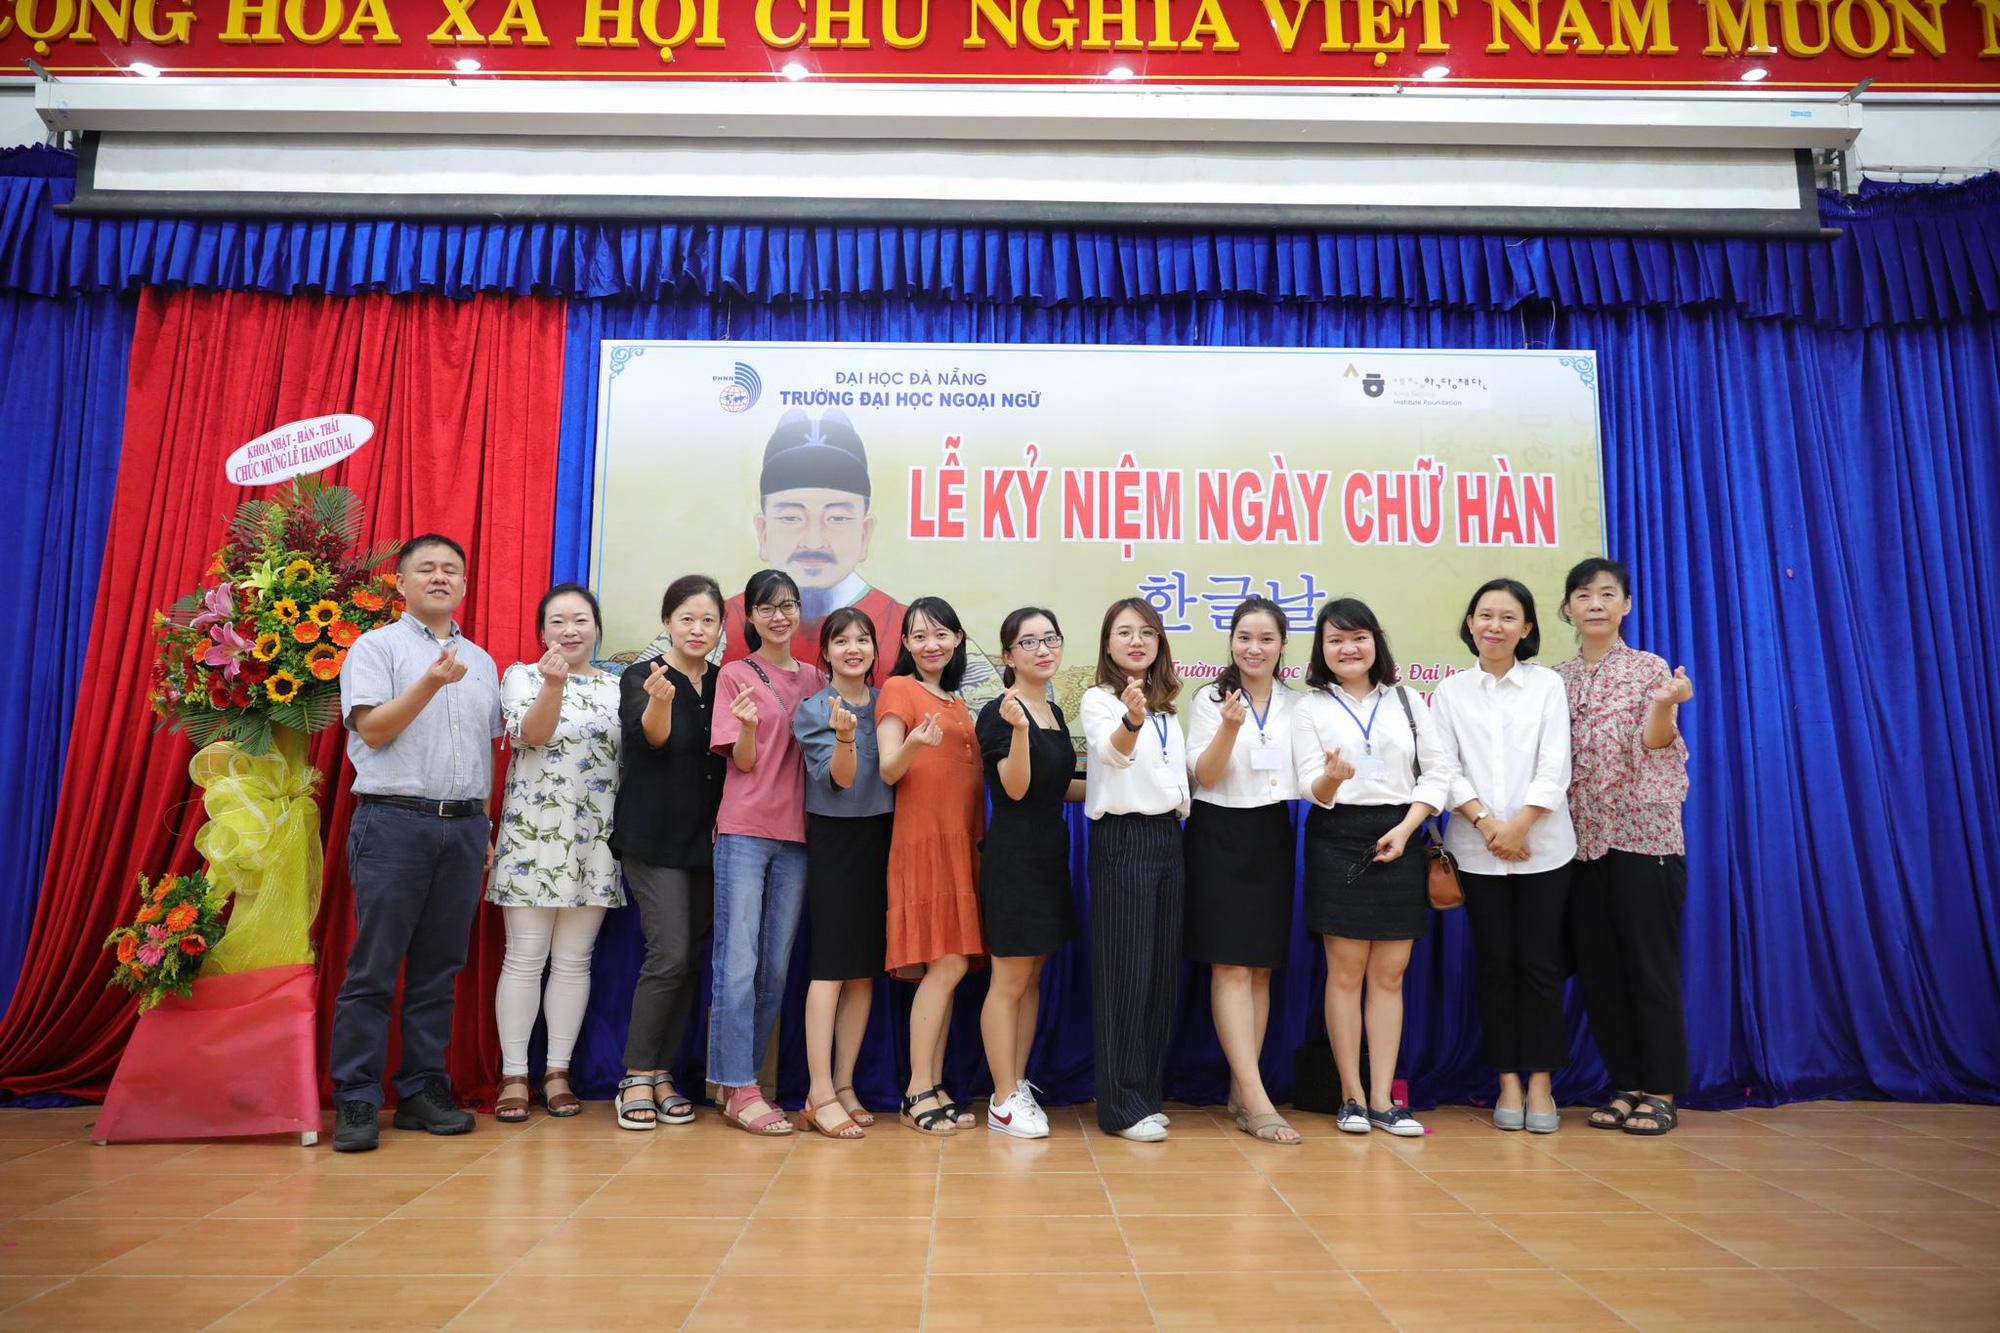 Sôi nổi nhiều hoạt động kỷ niệm ngày chữ Hàn Hangeulnal 2019 tại dự án Sejong Đà Nẵng - Ảnh 3.